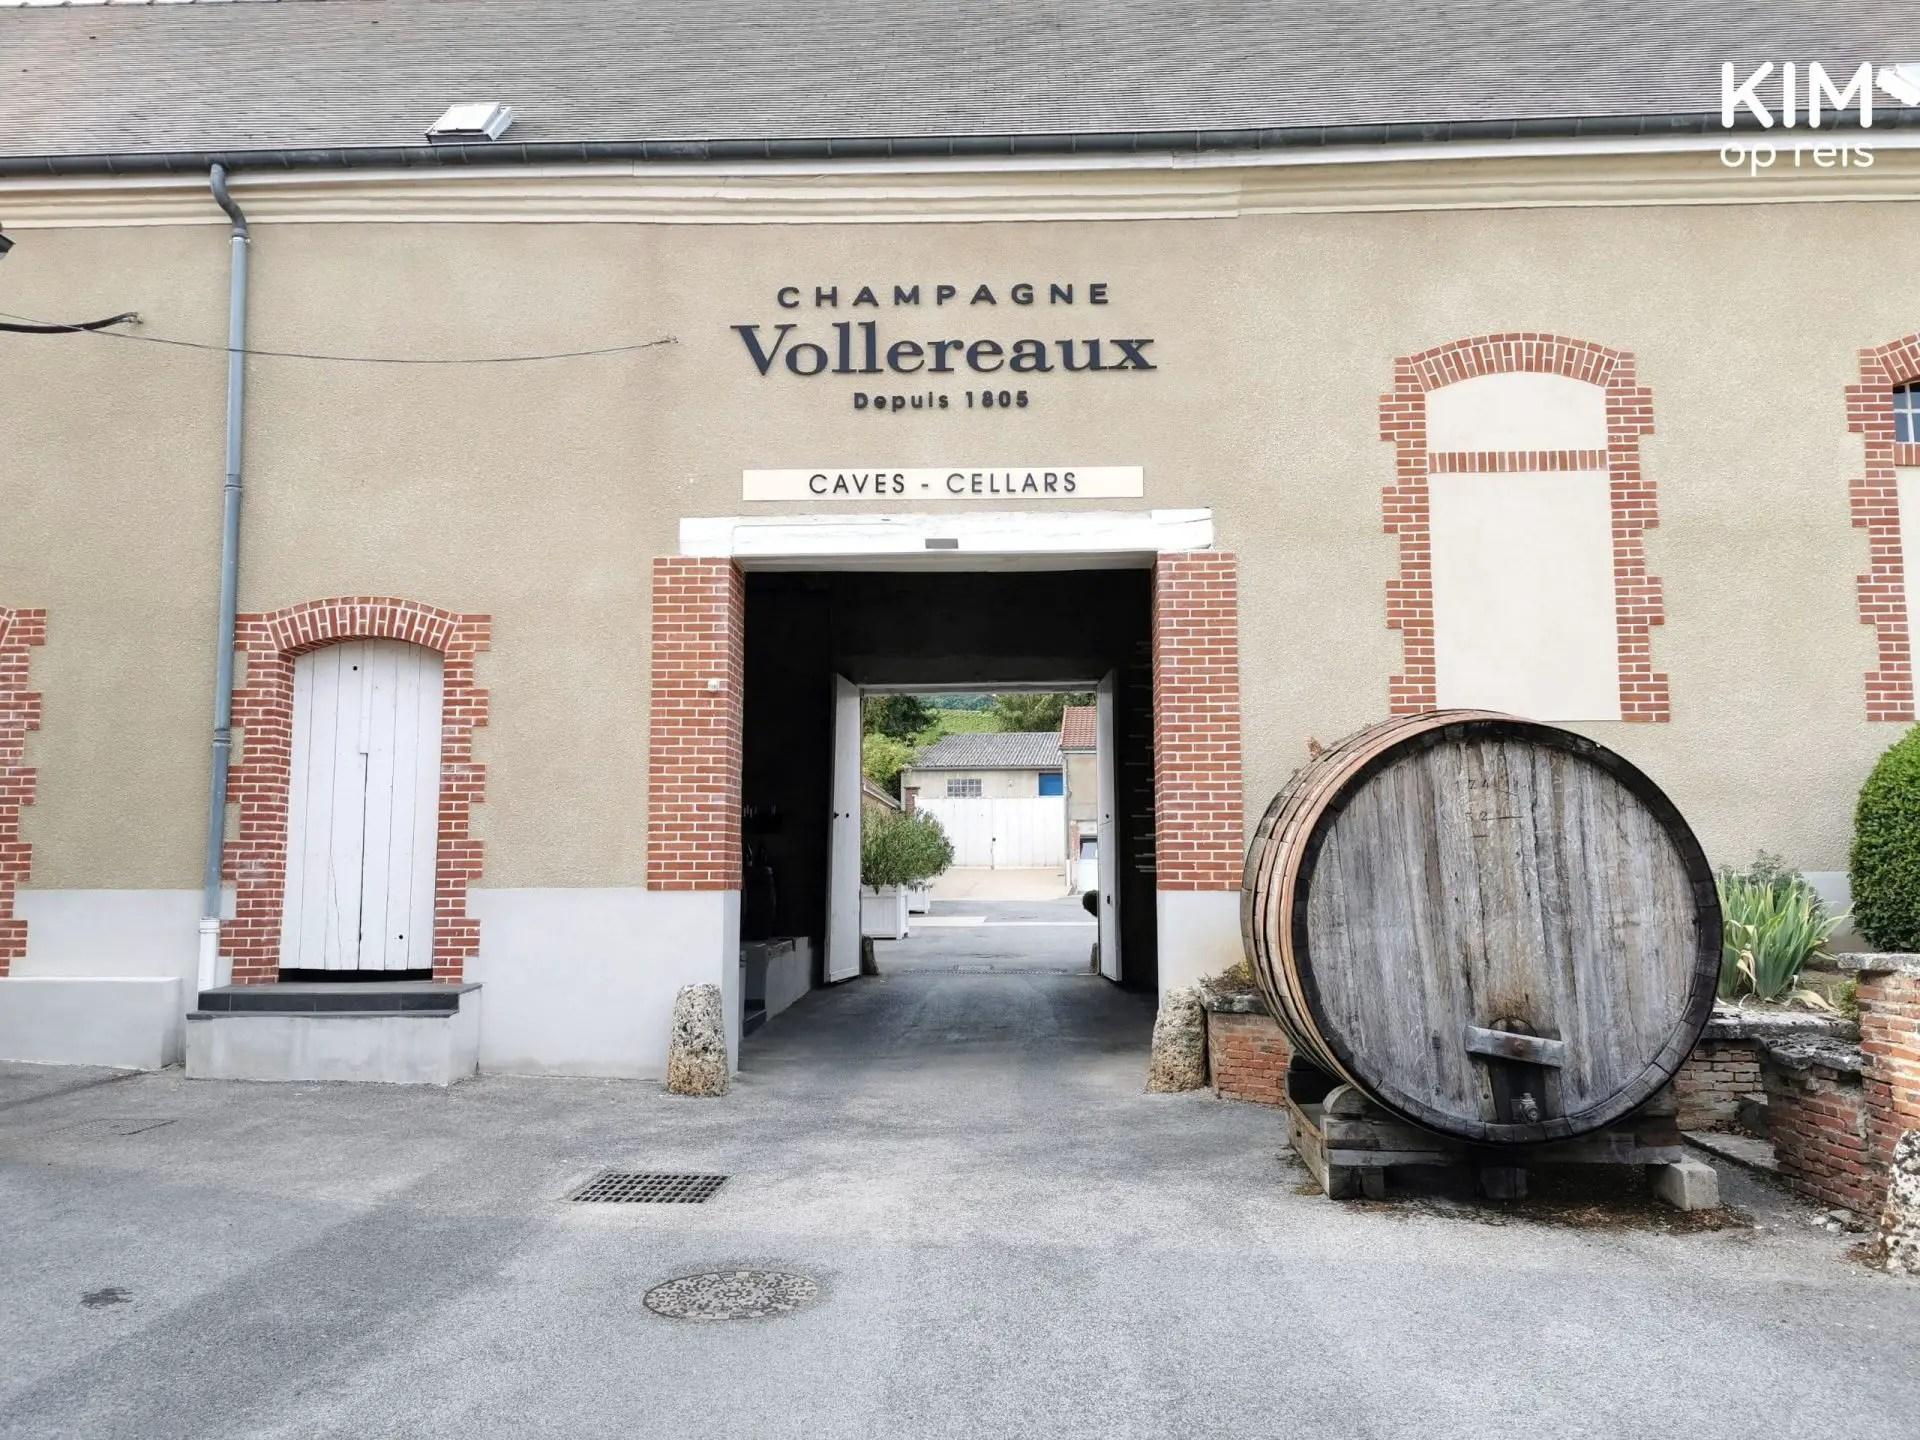 Entree Vollereaux: poort naar de ingang van de kelders